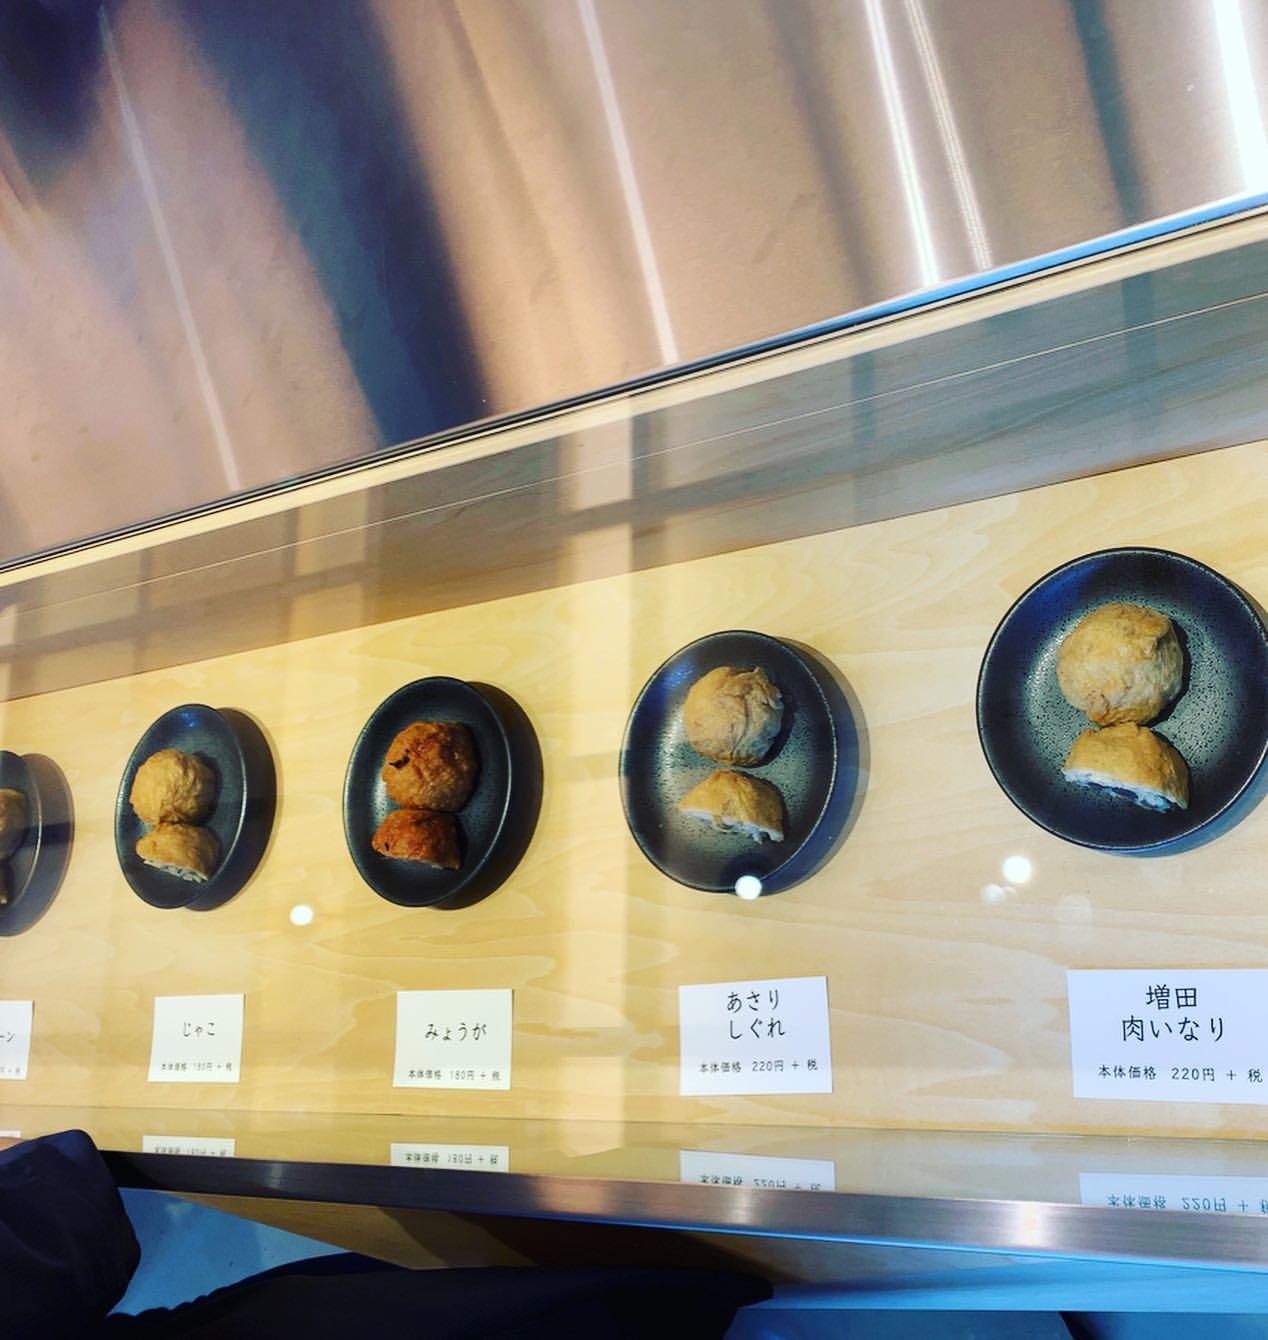 並べられるいなし寿司